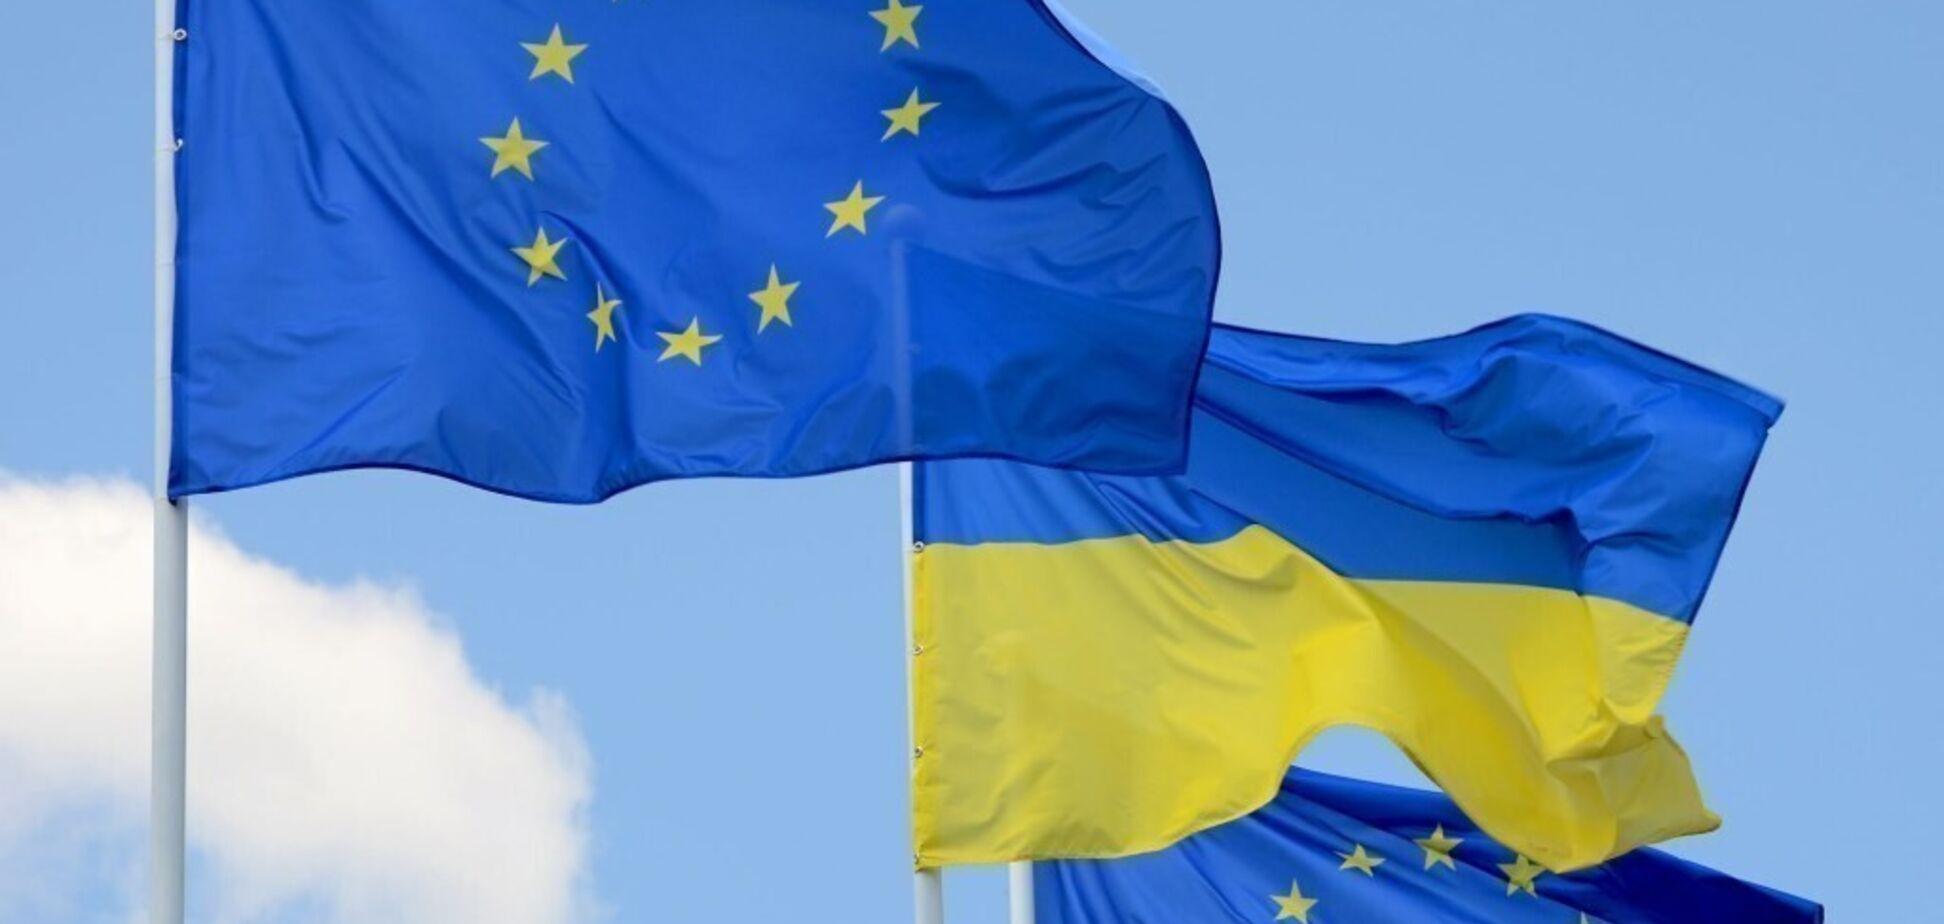 Повышение налогов усложнит экономическую ситуацию в Украине– The Brussels Times